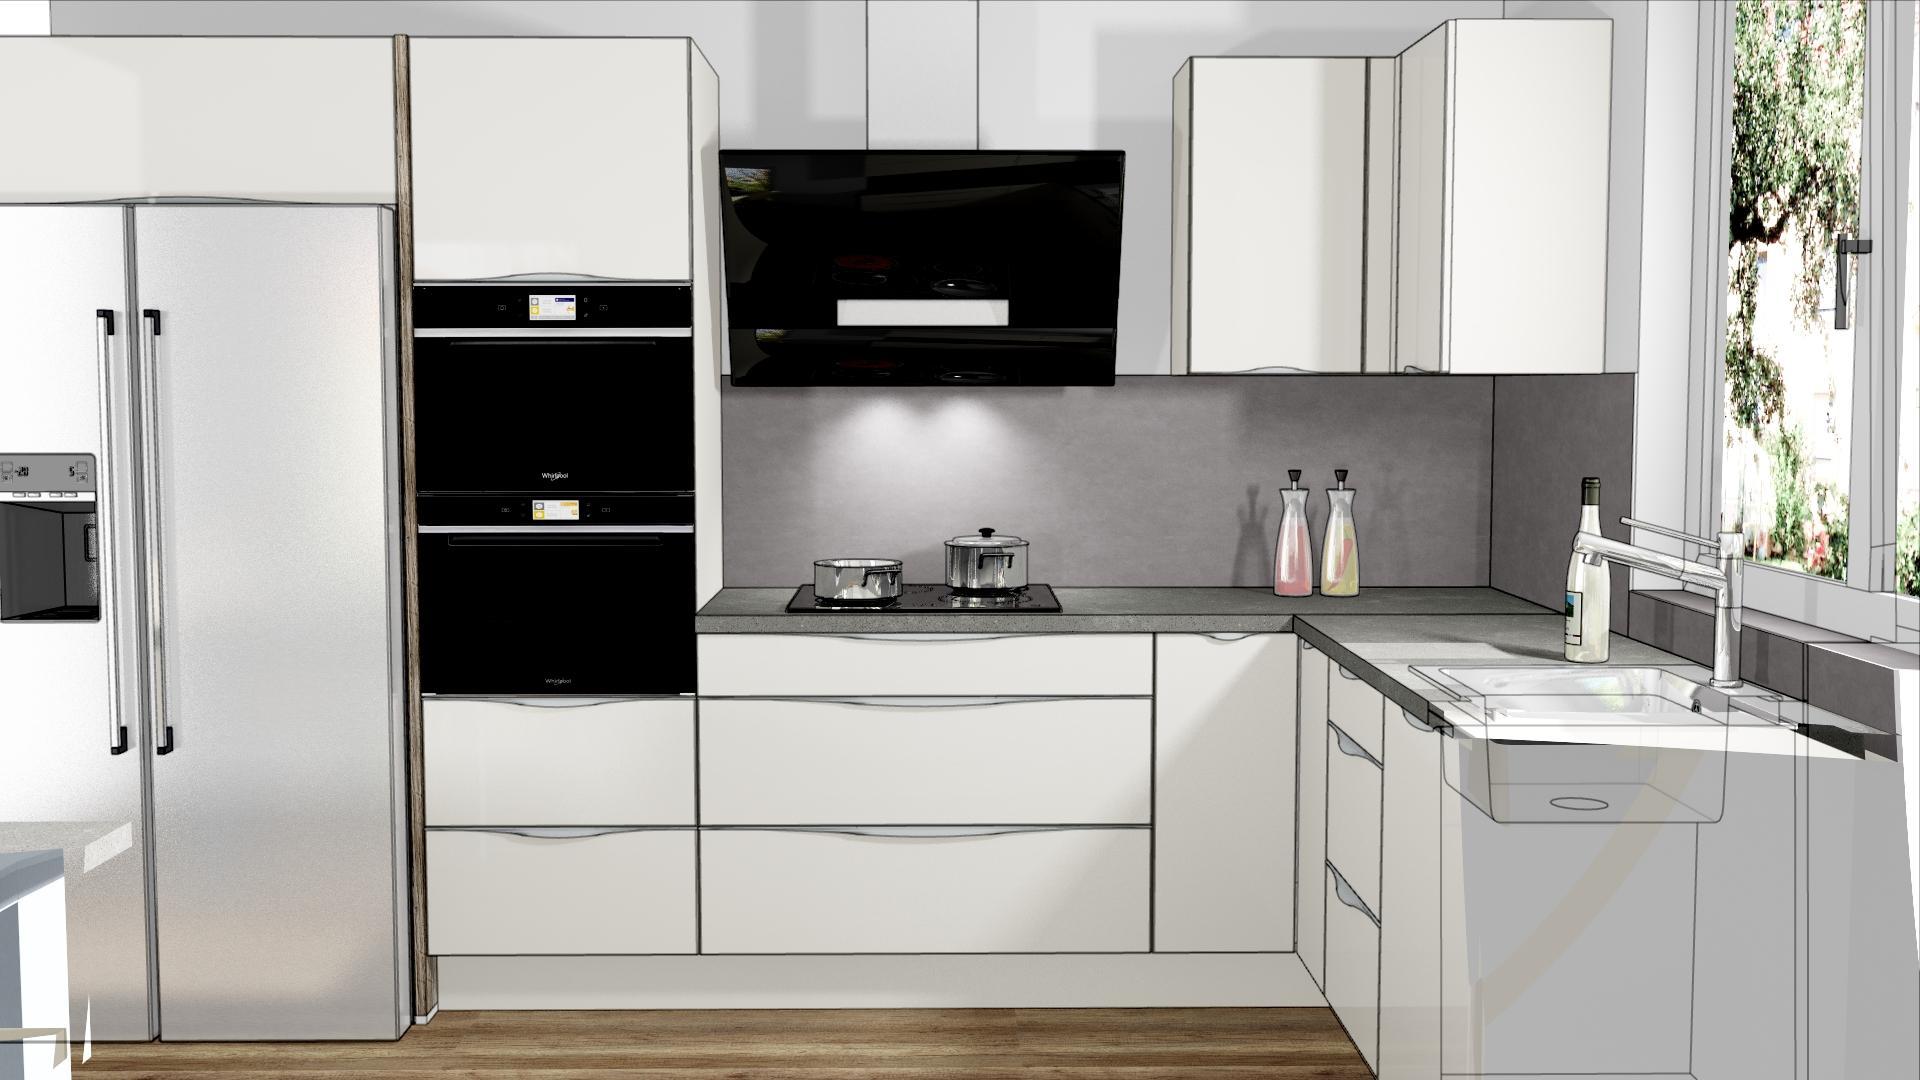 Návrhy kuchyně - Obrázek č. 6